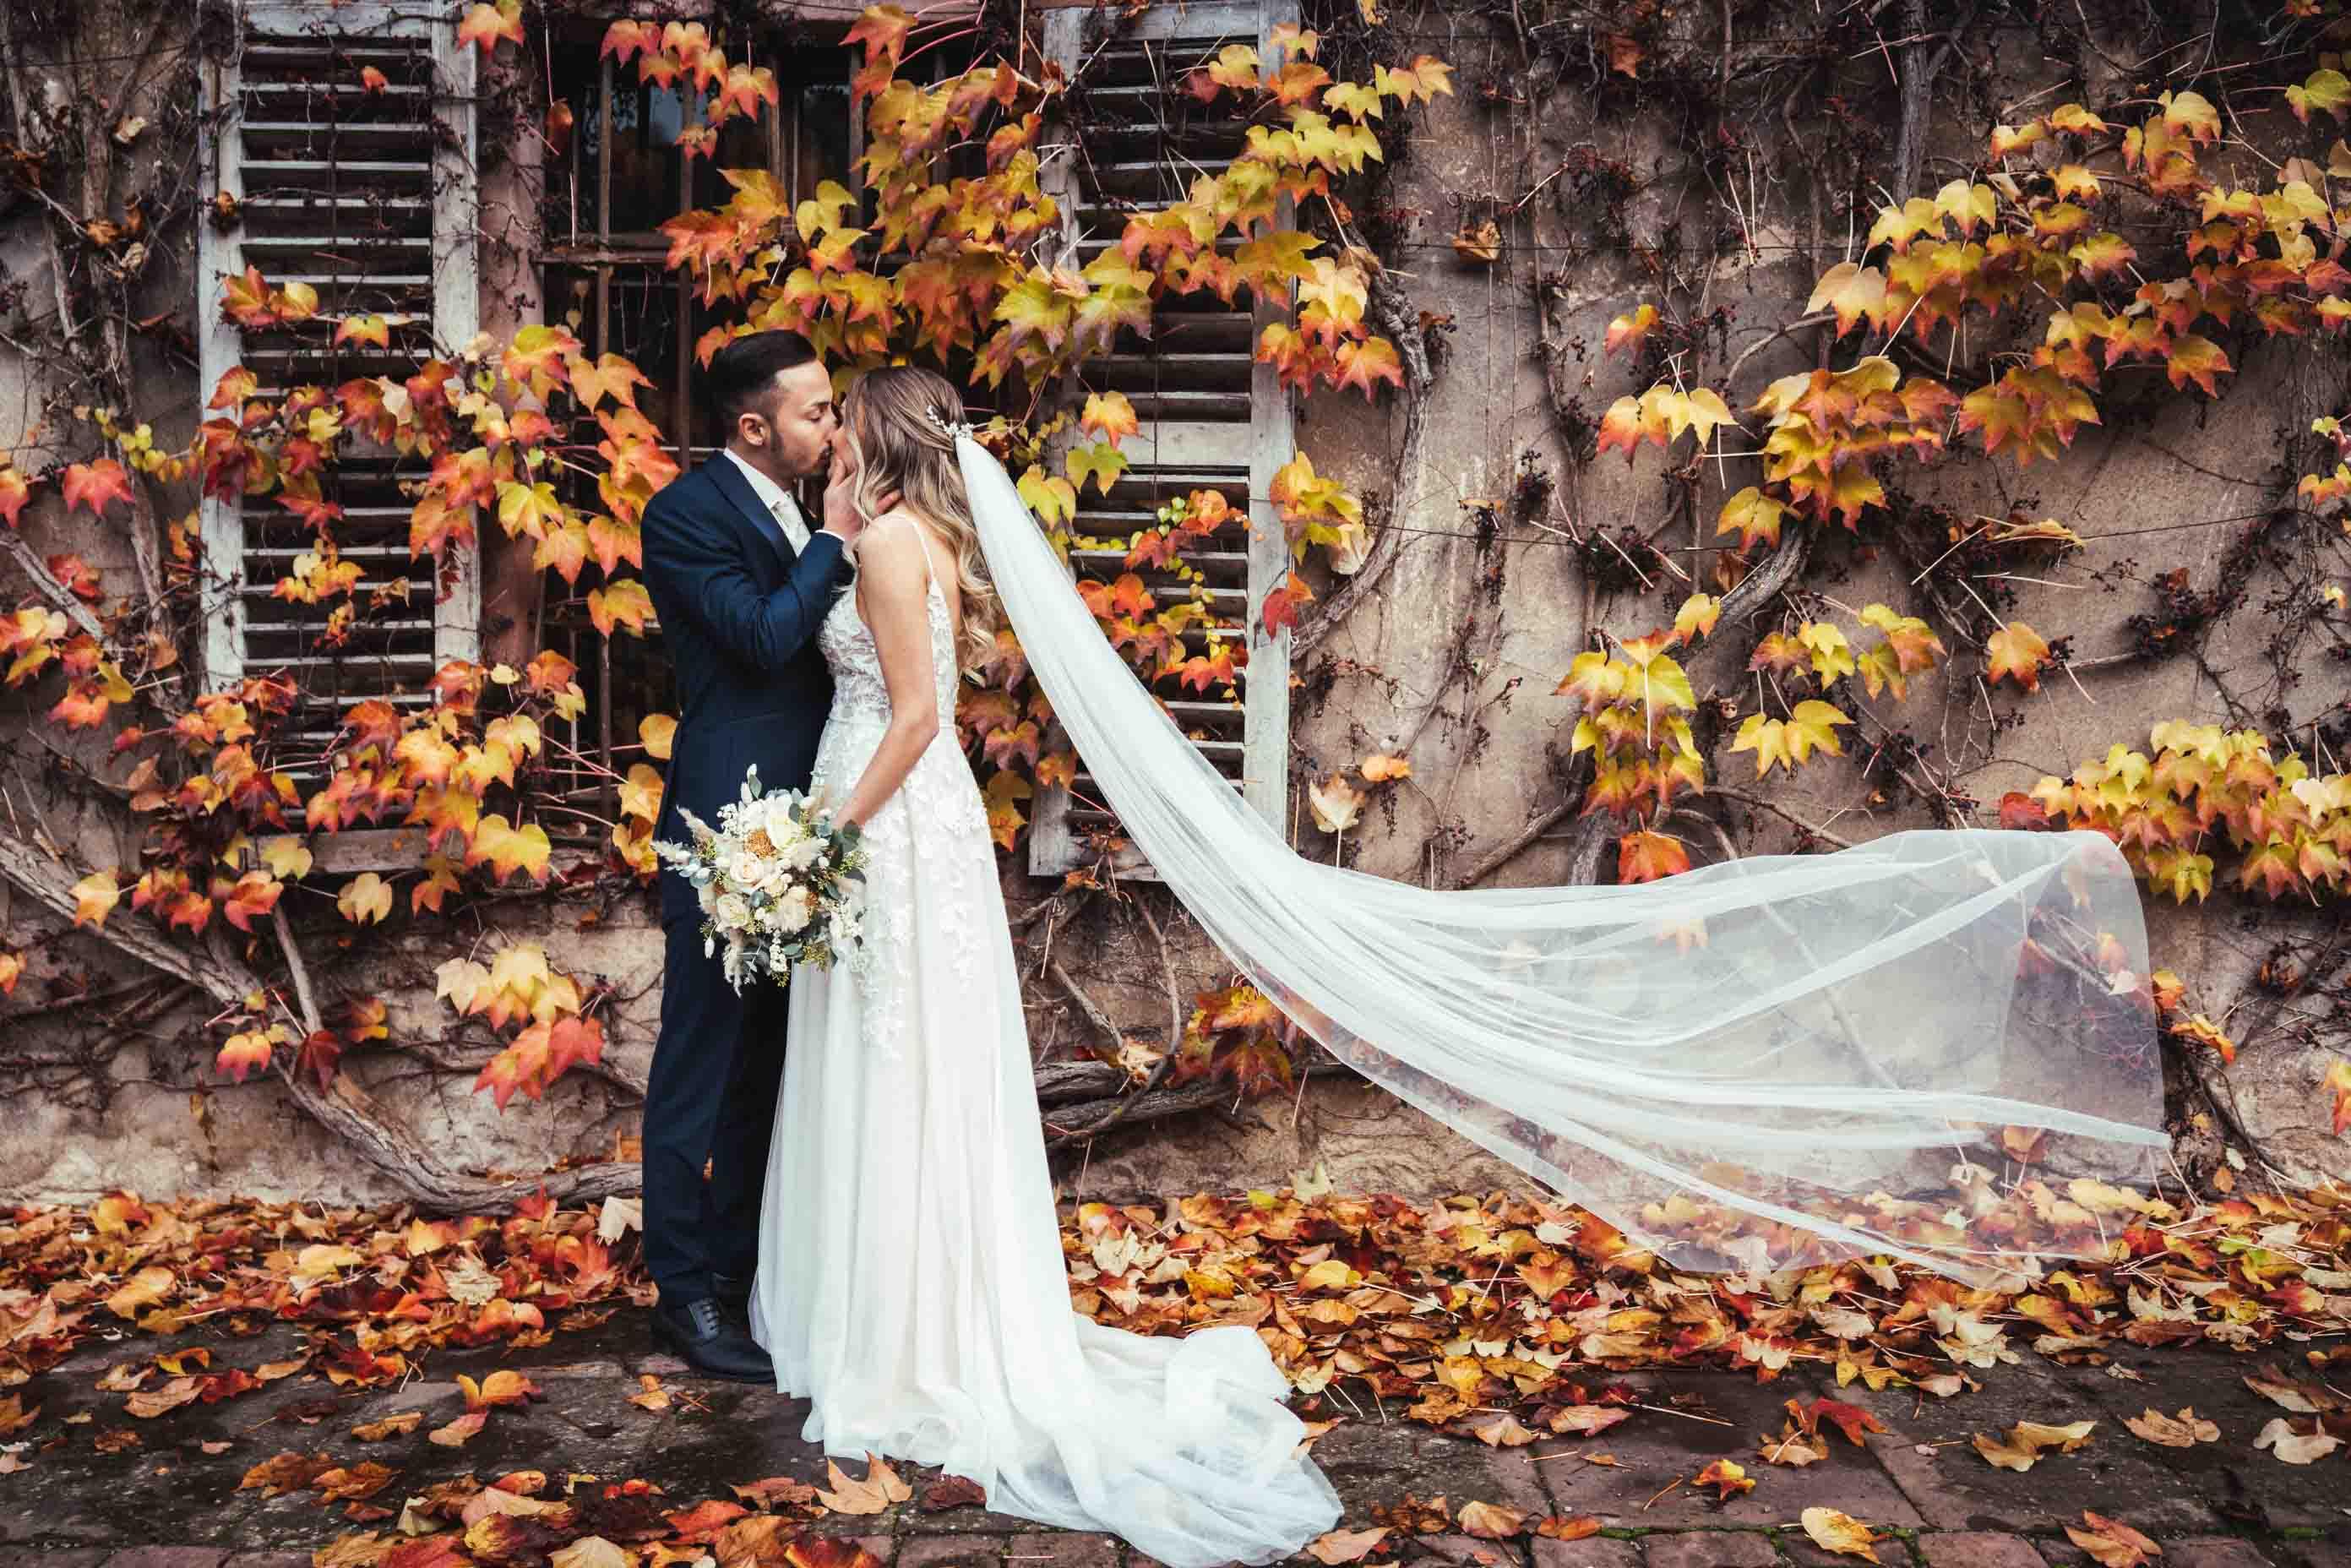 Das Brautpaar küsst sich vor einer mit Blättern bewachsenen Wand. Der Schleier weht im Wind.